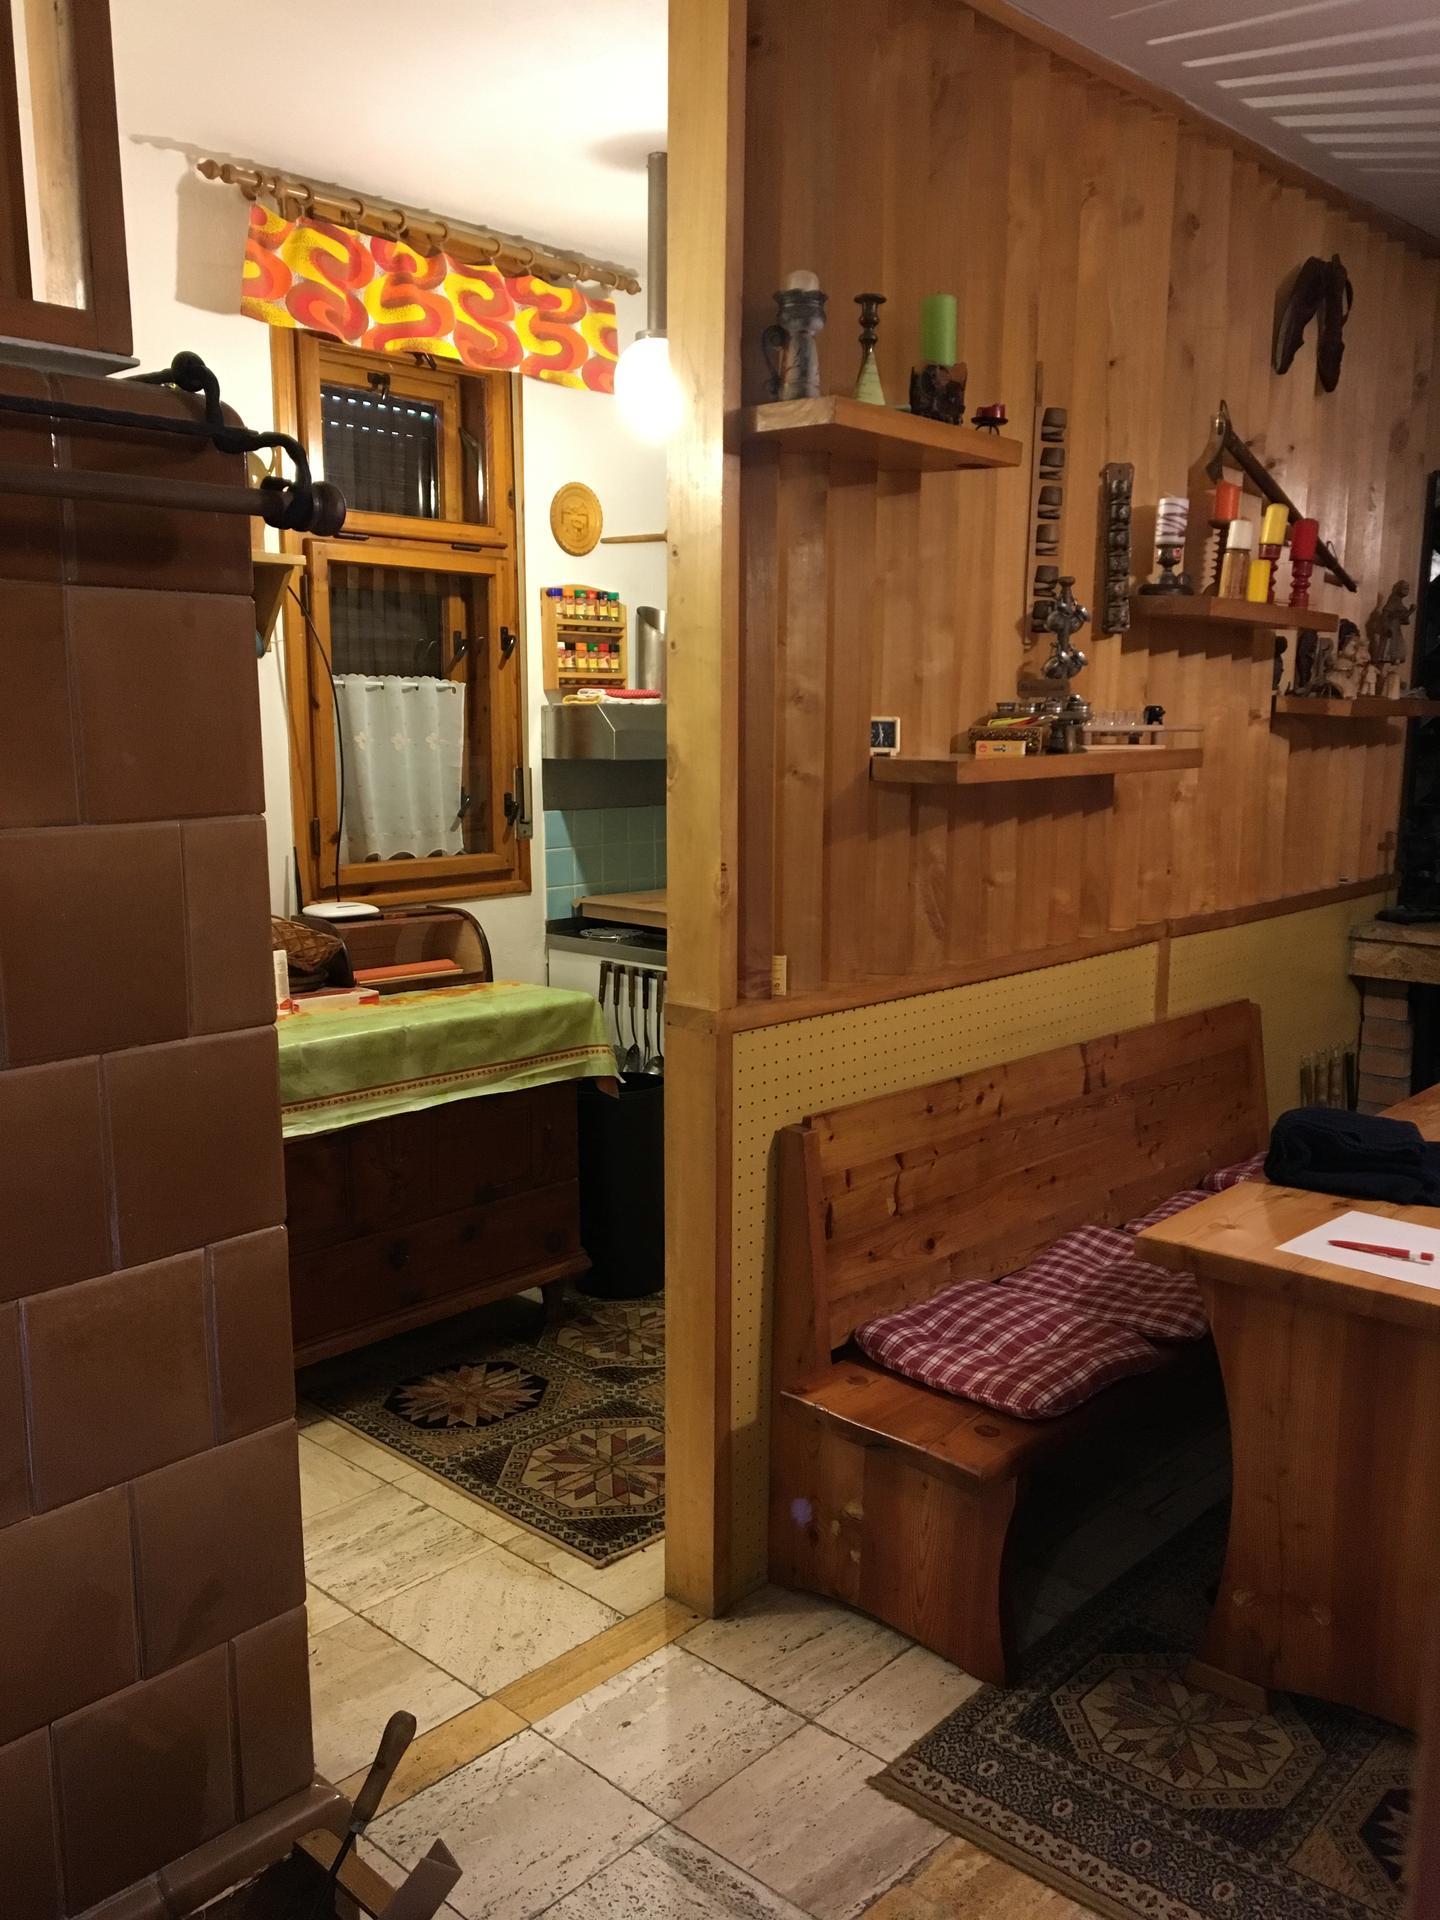 Tam, kde to milujem 🧡 - Pôvodný stav kuchyňa